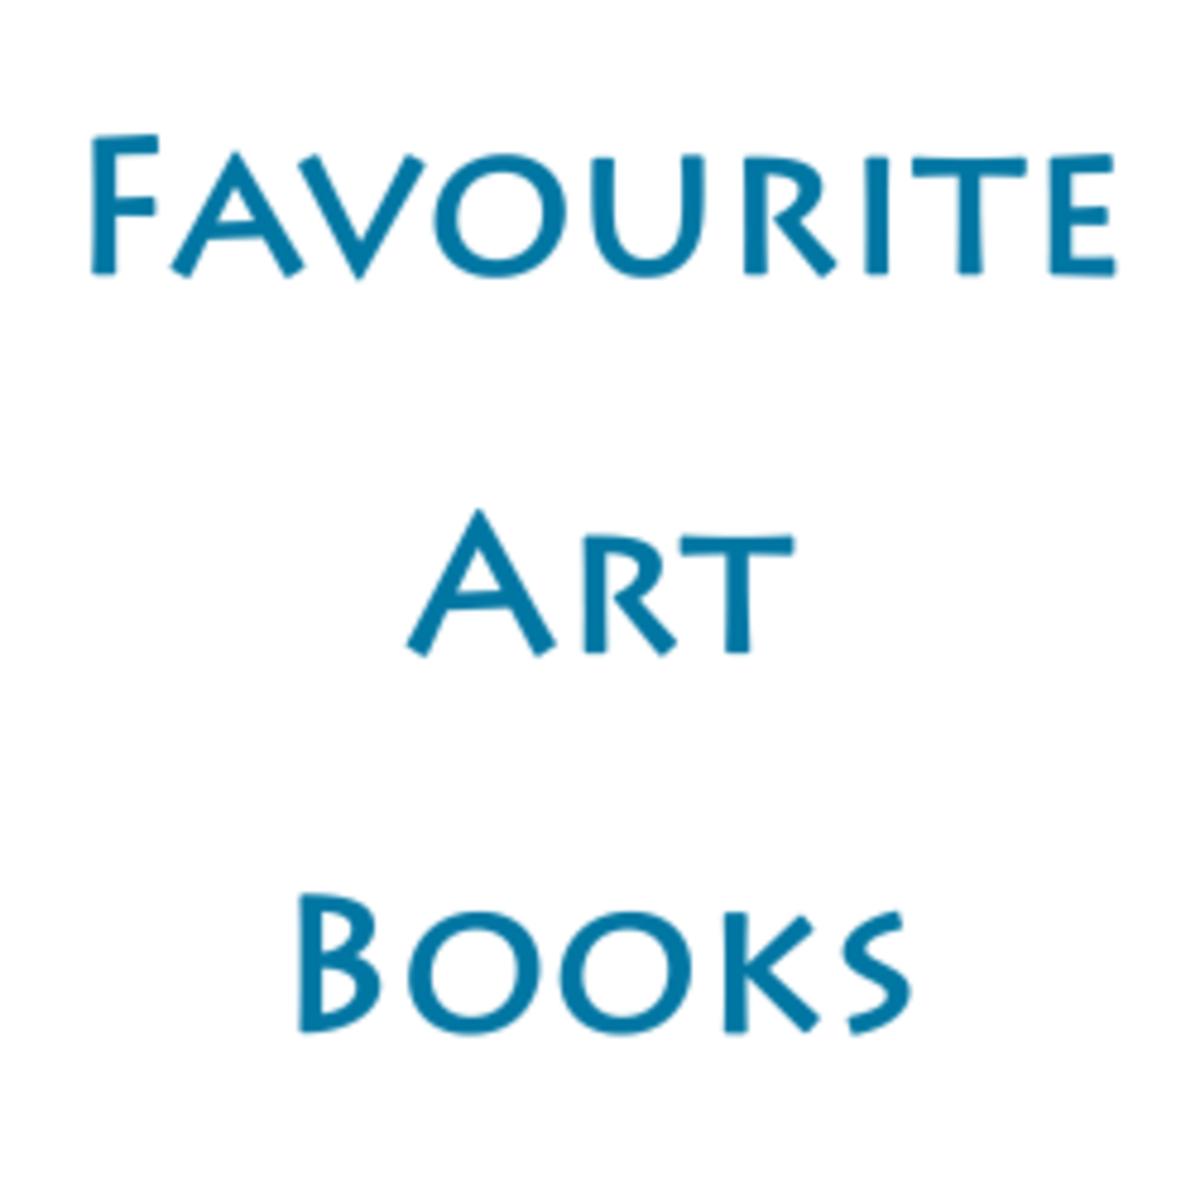 artbook-favourite